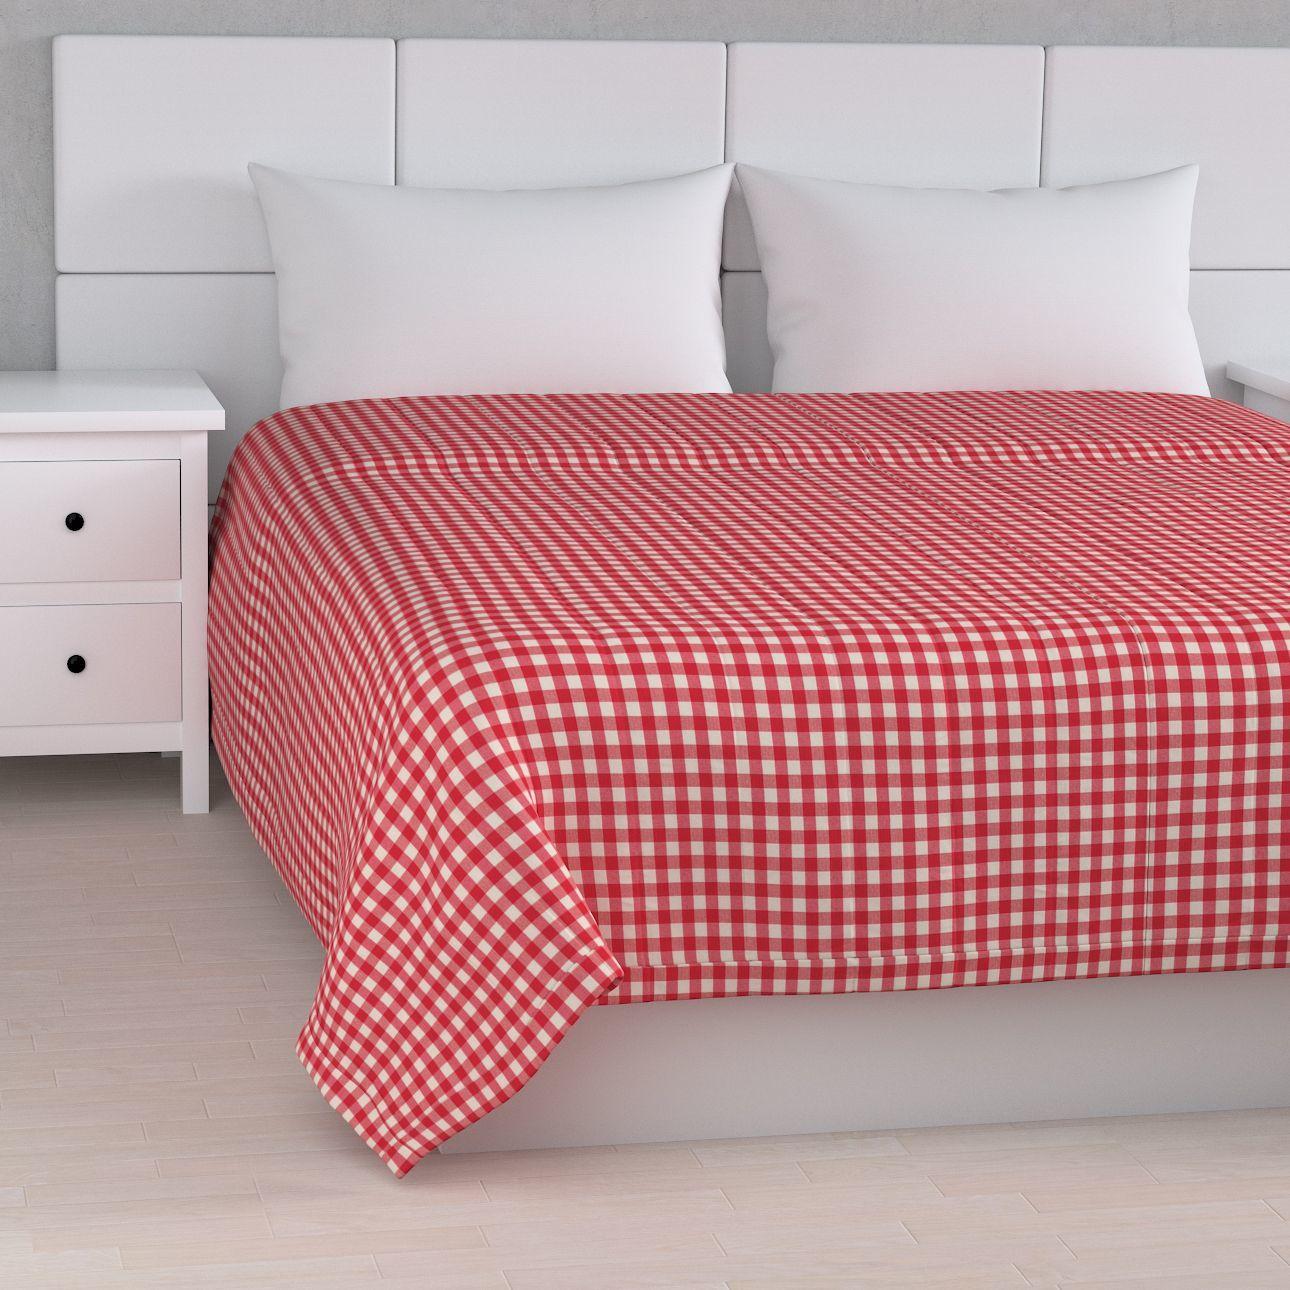 Narzuta pikowana w pasy, czerwono biała kratka (1,5x1,5cm), szer.170  dł.210 cm, Quadro